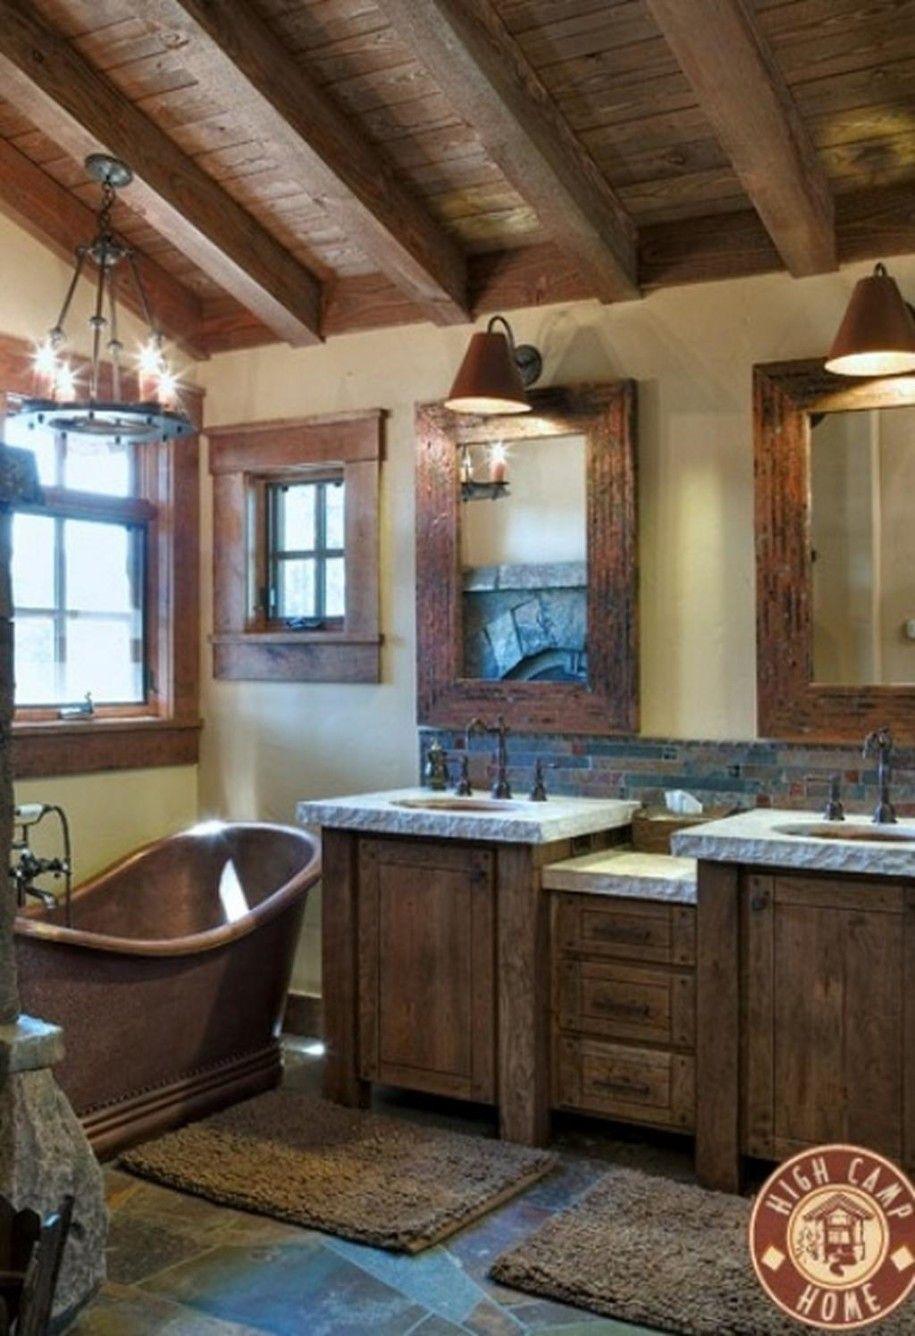 46 Bathroom Interior Designs Made In Rustic Barns Bathroom Rustic Bathroom Designs Rustic